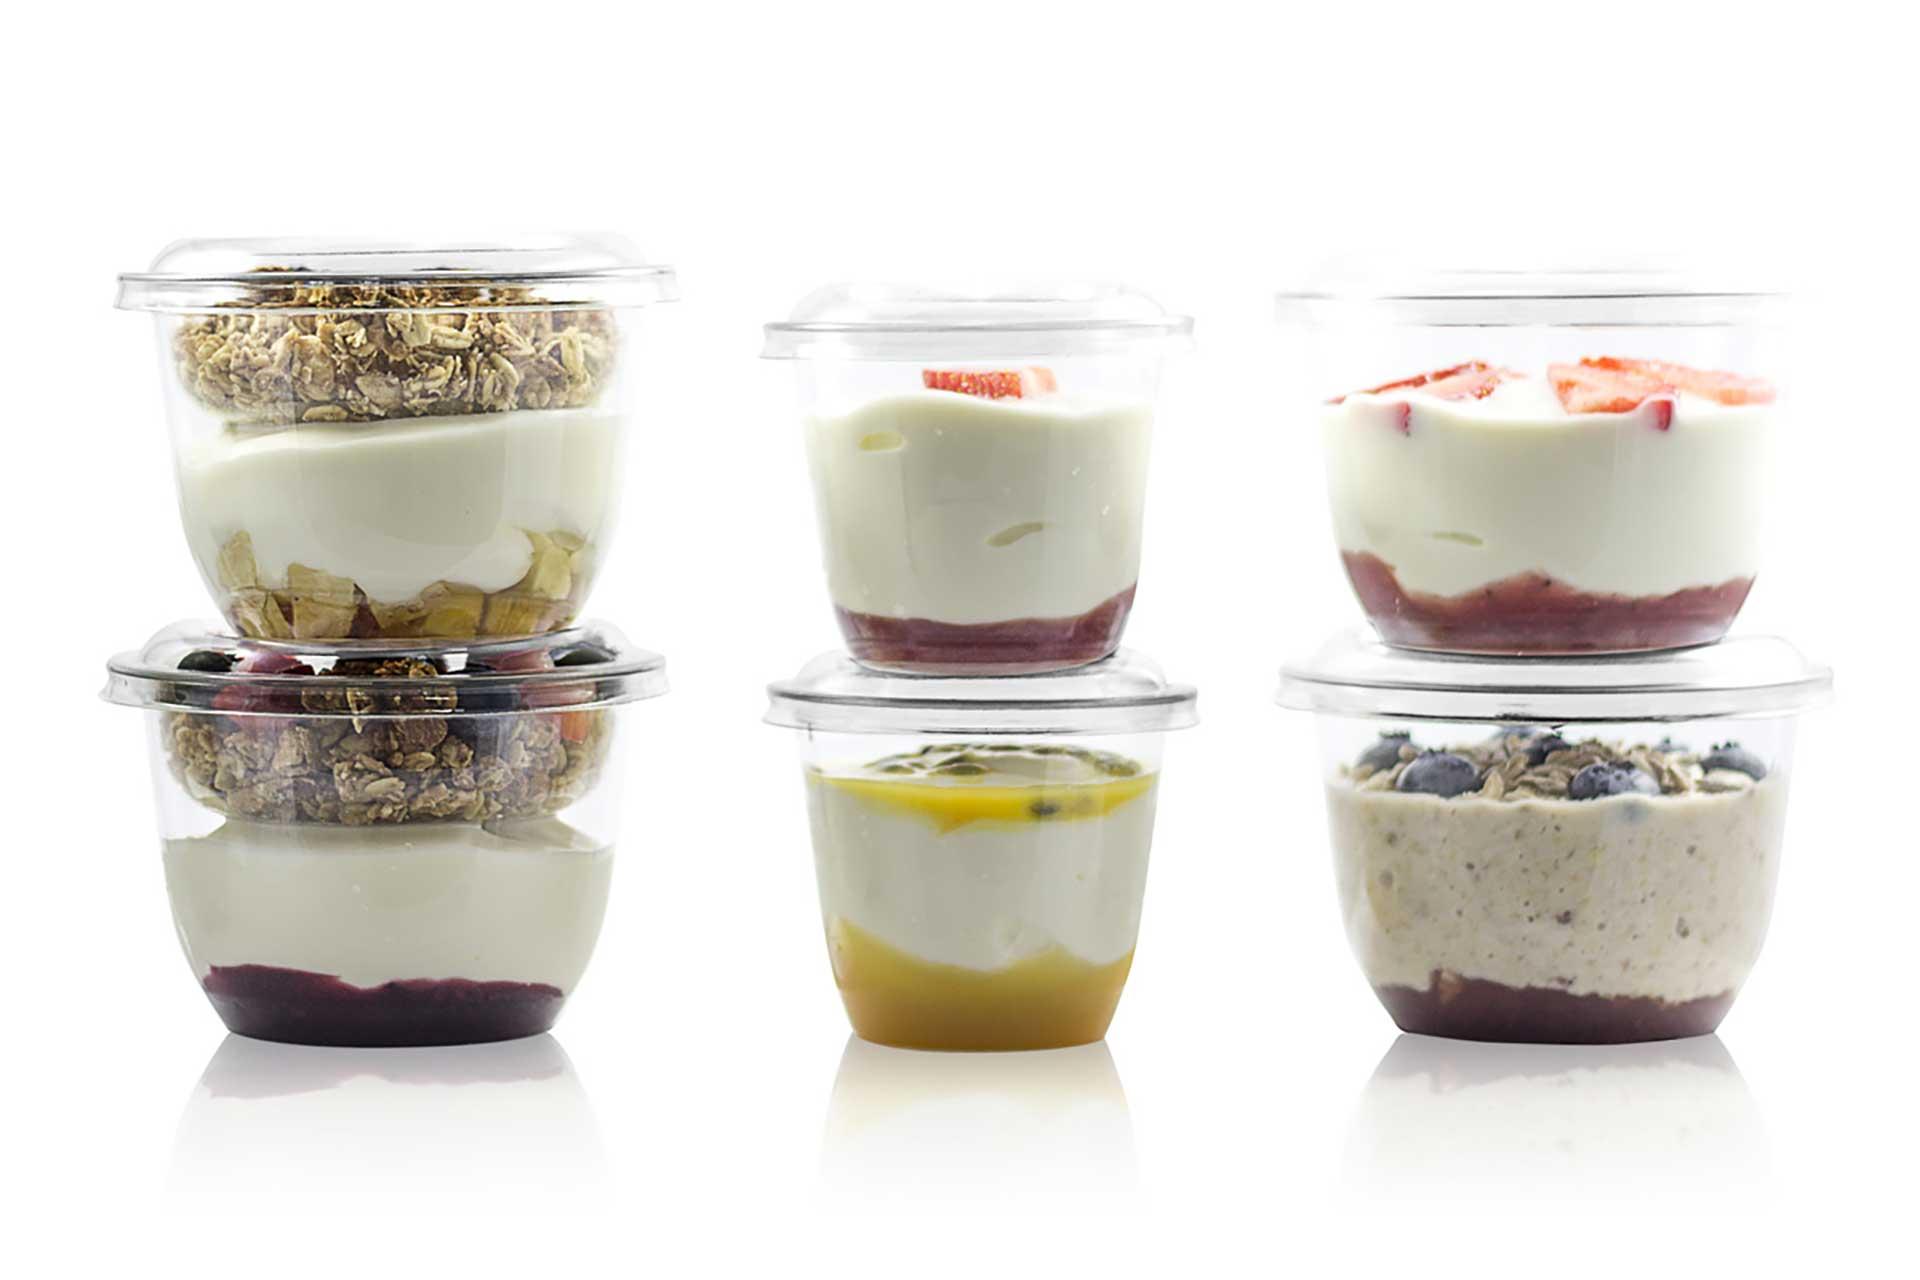 conditionnement en pot plastique ou verre pour produits laitiers